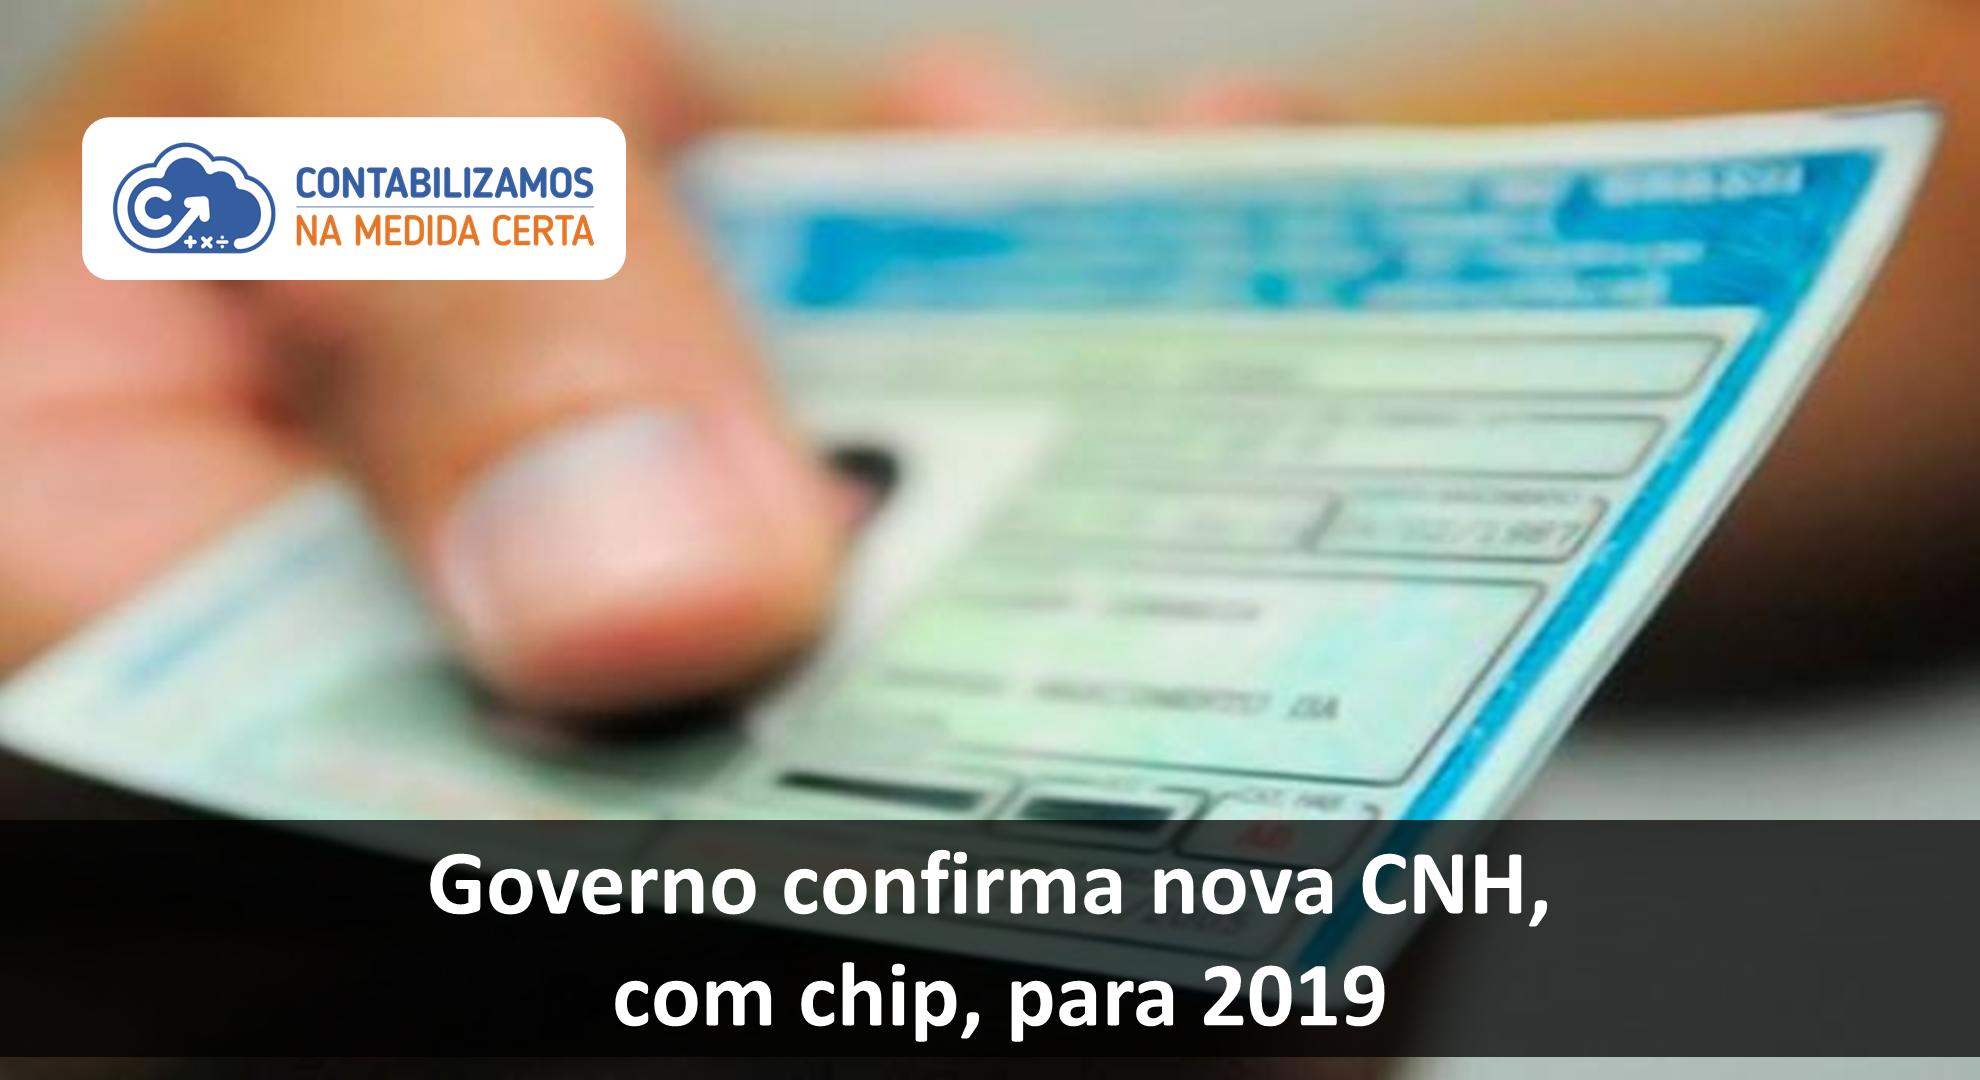 Governo Confirma Nova CNH, Com Chip, Para 2019